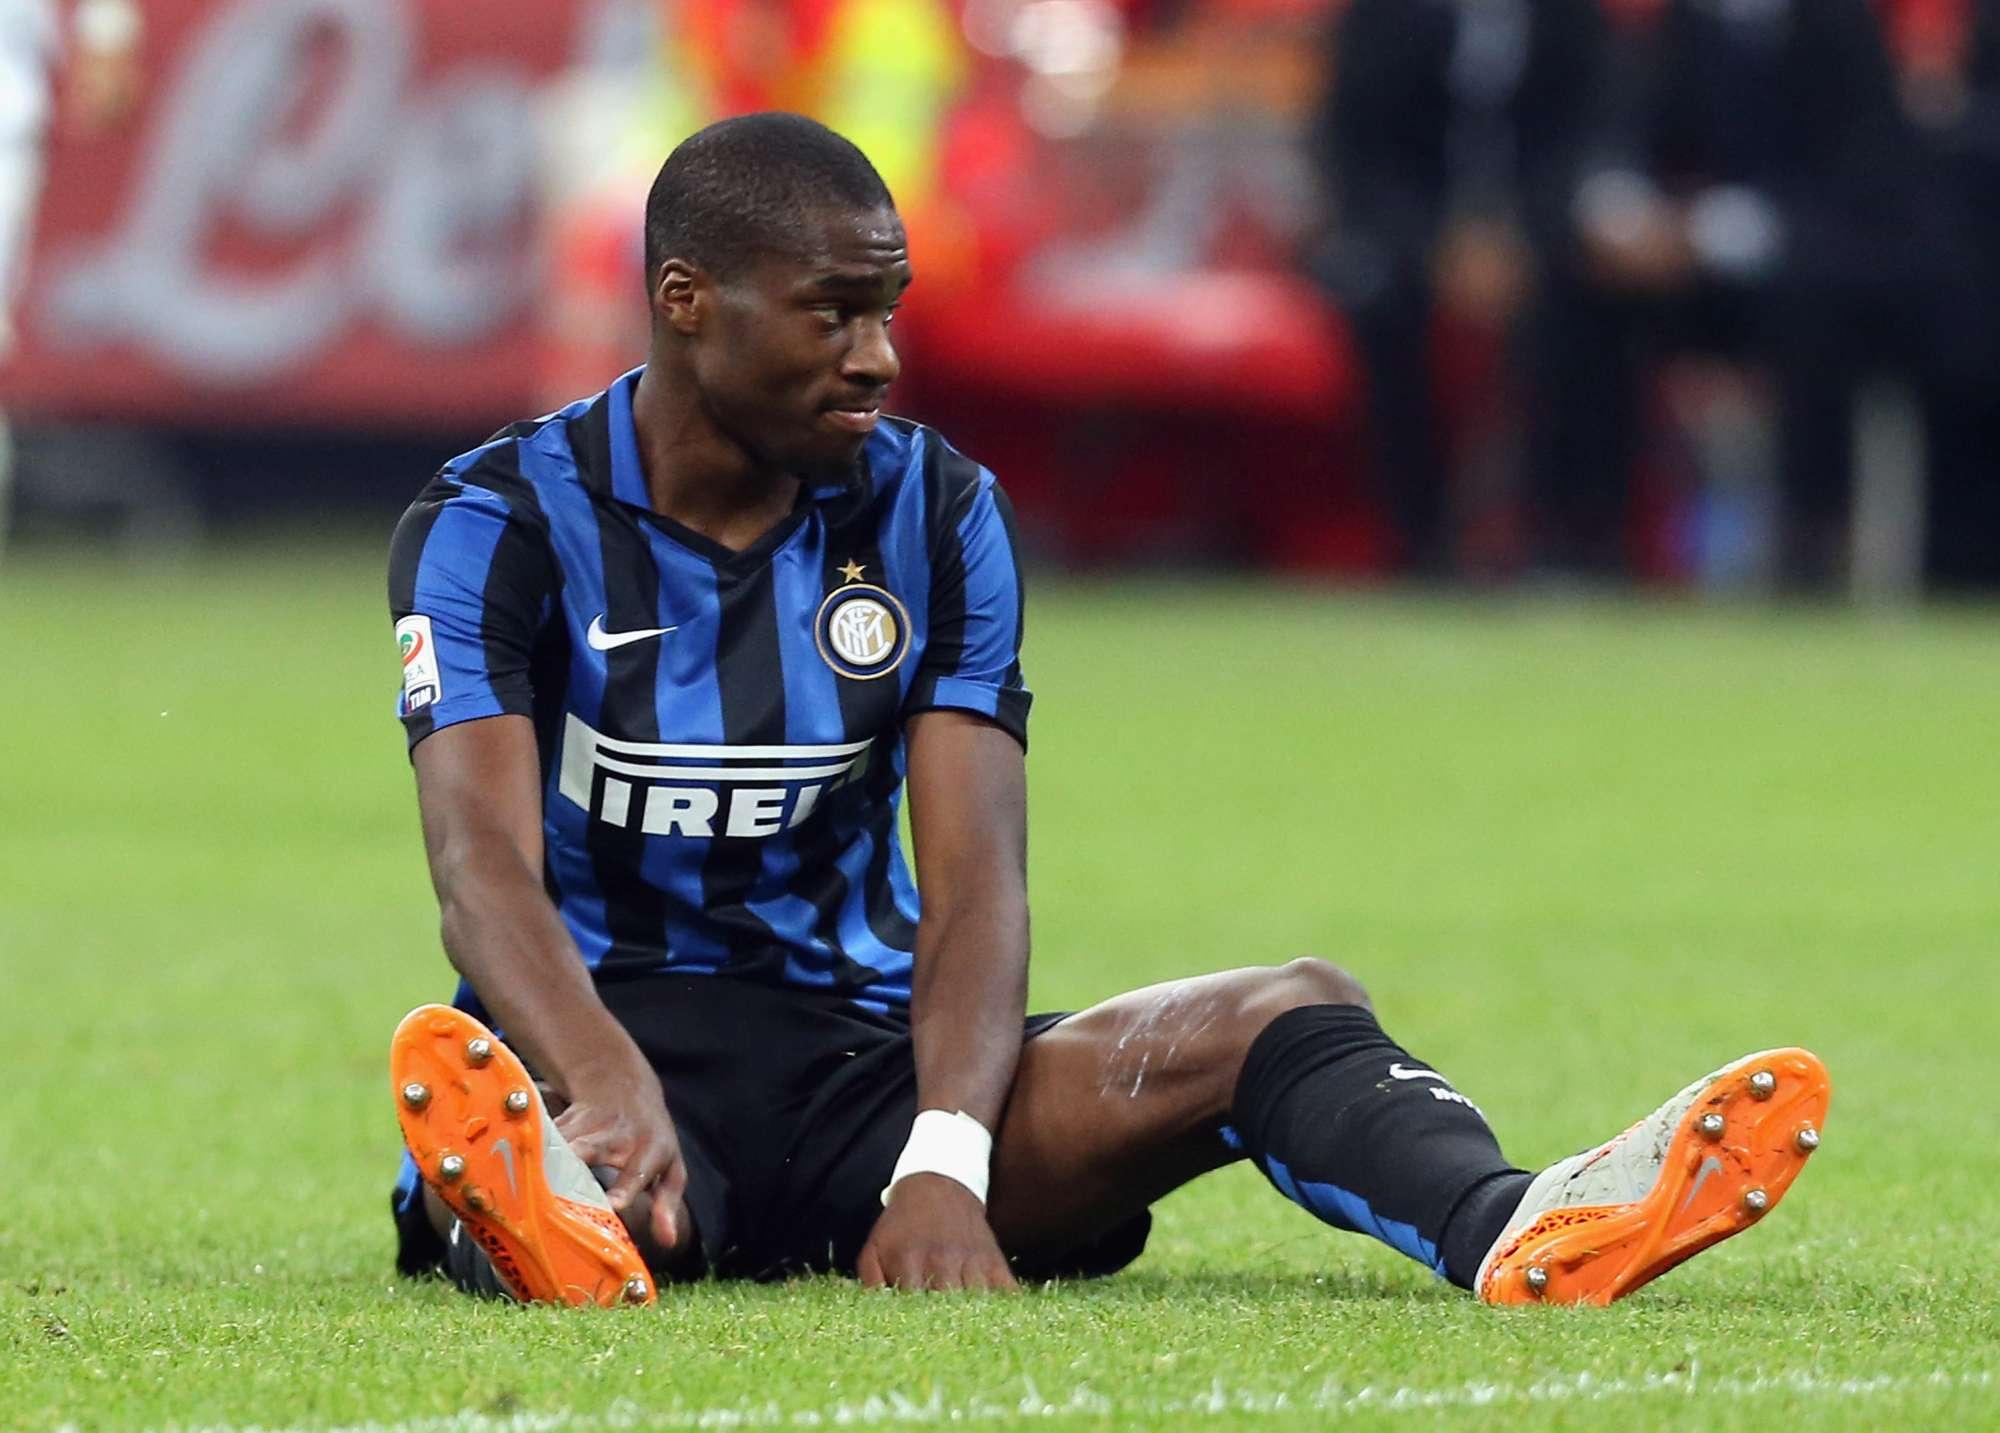 Acquistato per 35 milioni in estate dall'Inter, Kondogbia non sta rispettando le aspettative